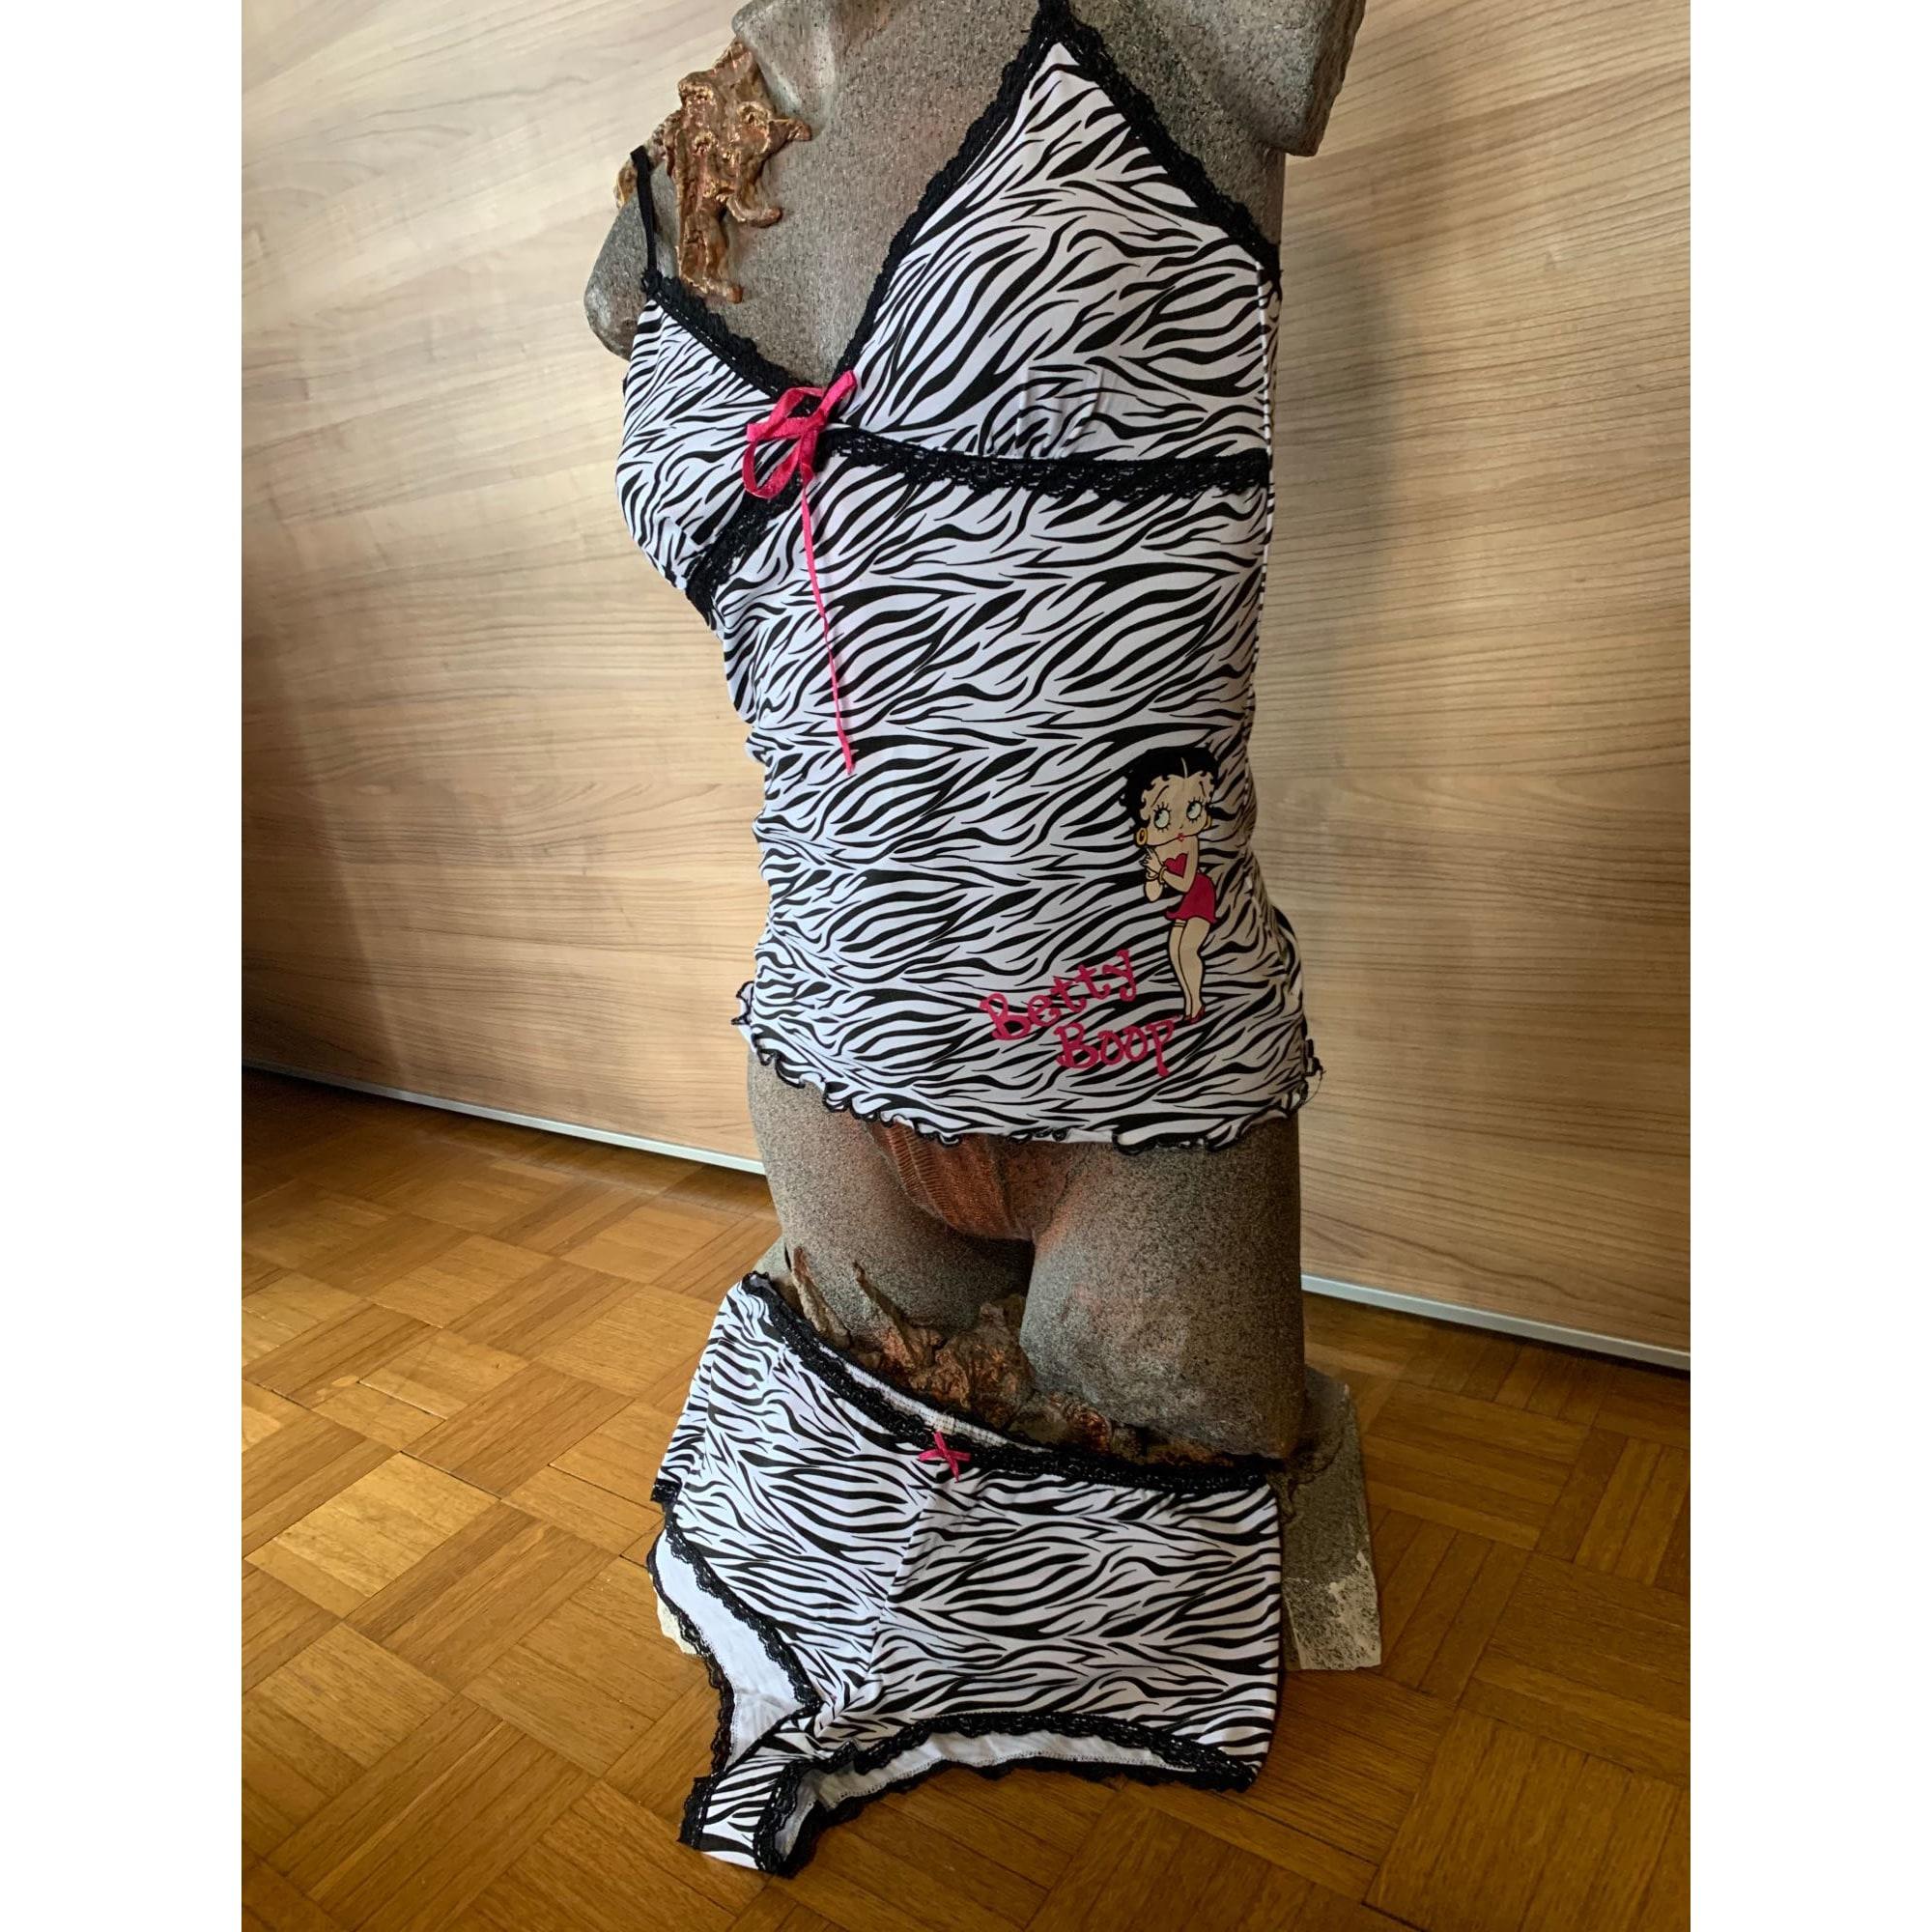 Ensemble, parure lingerie BETTY BOOP Imprimés animaliers